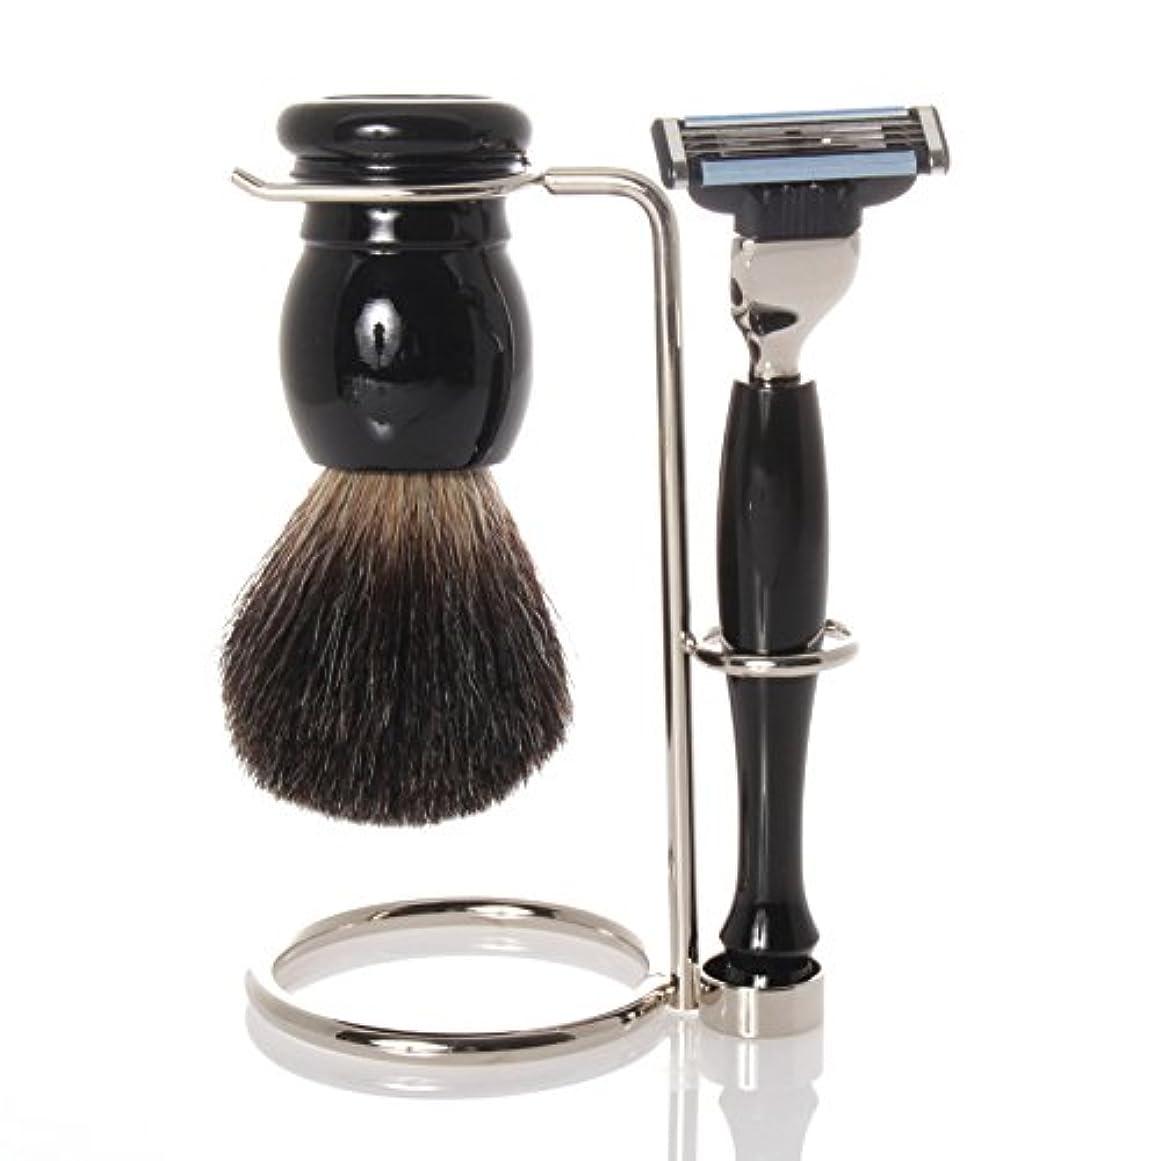 フローレッスン管理者Shaving set with holder, grey badger brush, razor - Hans Baier Exclusive